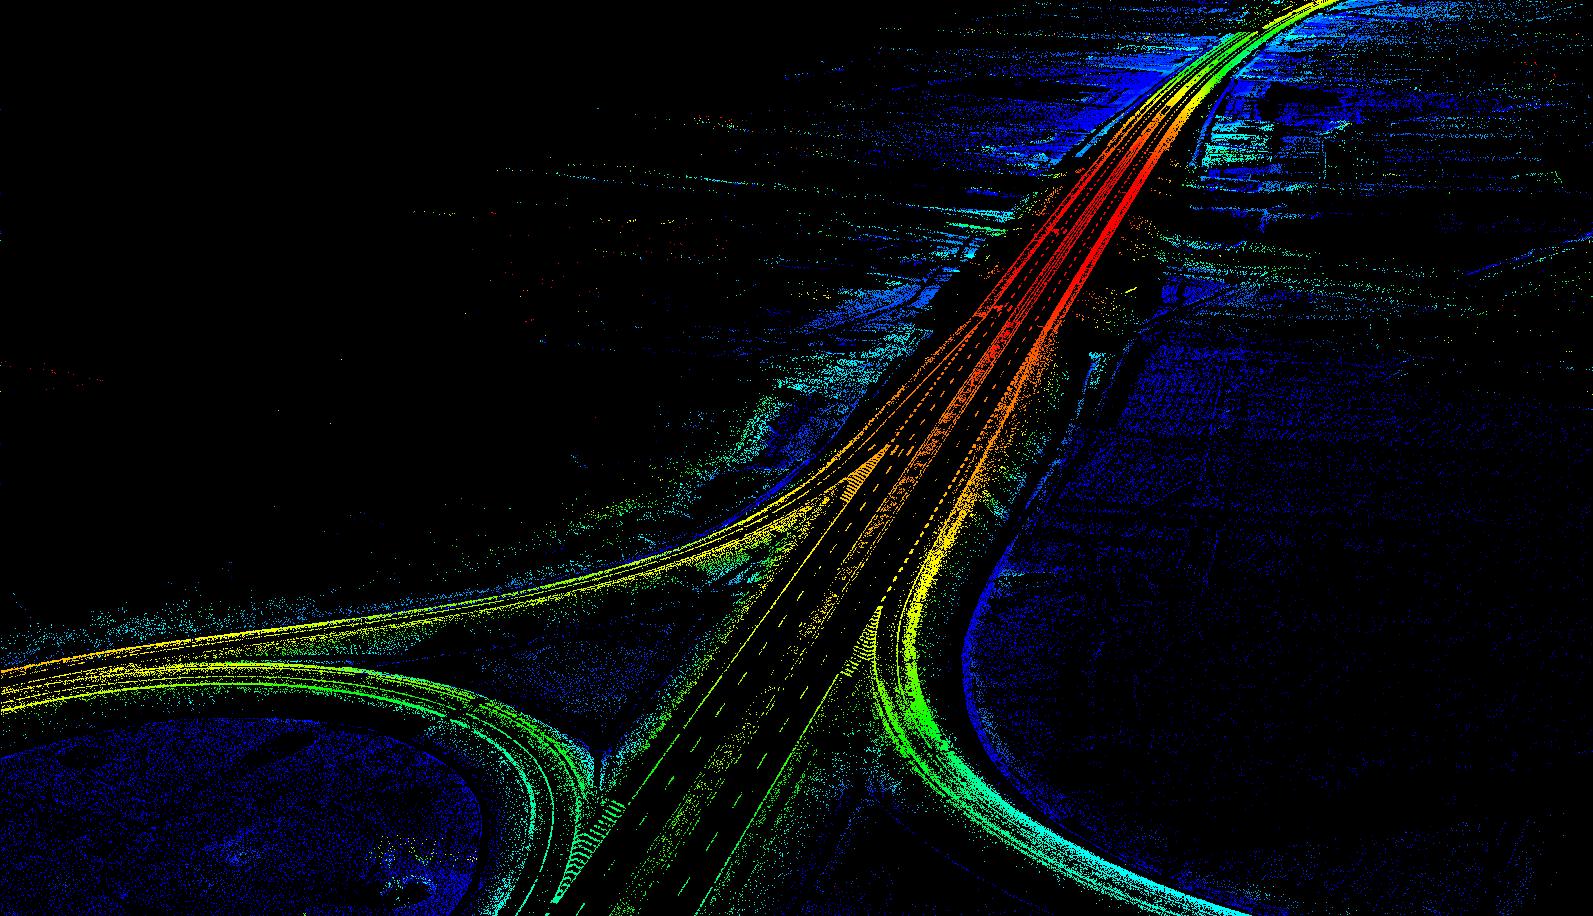 高效率的公路擴改建解決方案,高精度安全的公路擴改建解決方案,高速公路擴改建的成果圖展示